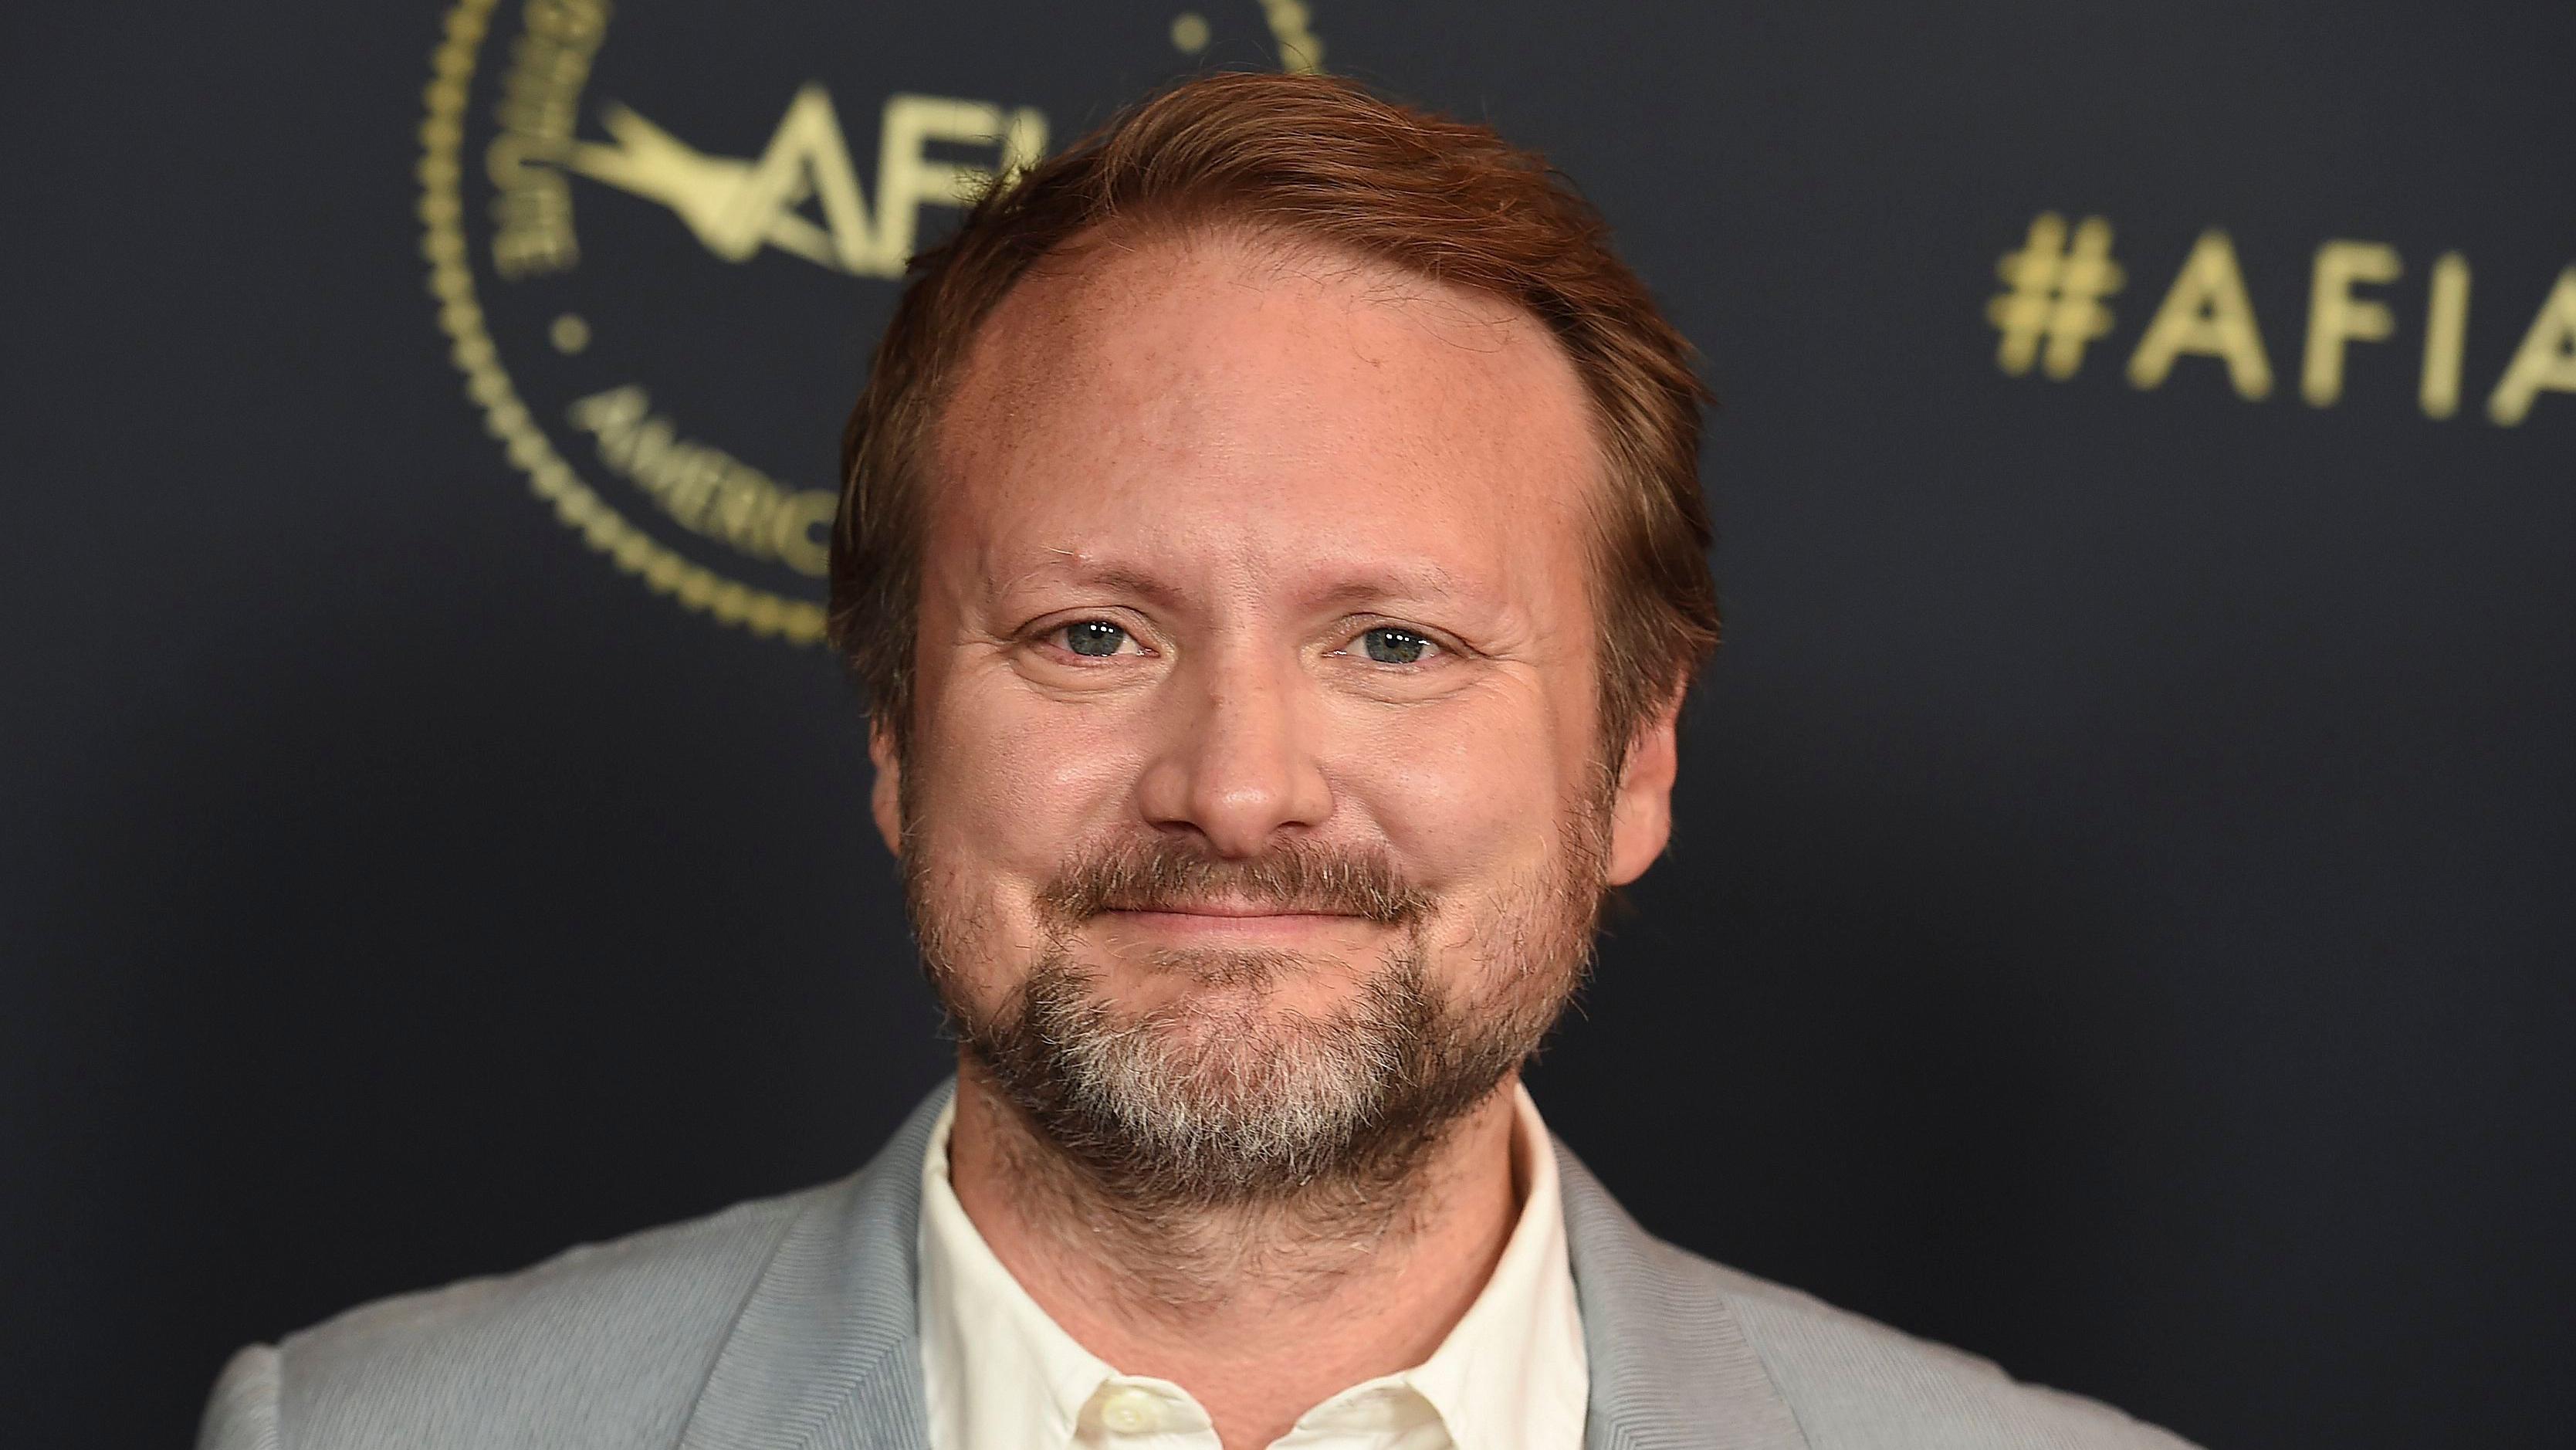 Rian Johnson Still Talking To Lucasfilm for 'Star Wars' Spinoffs - Variety